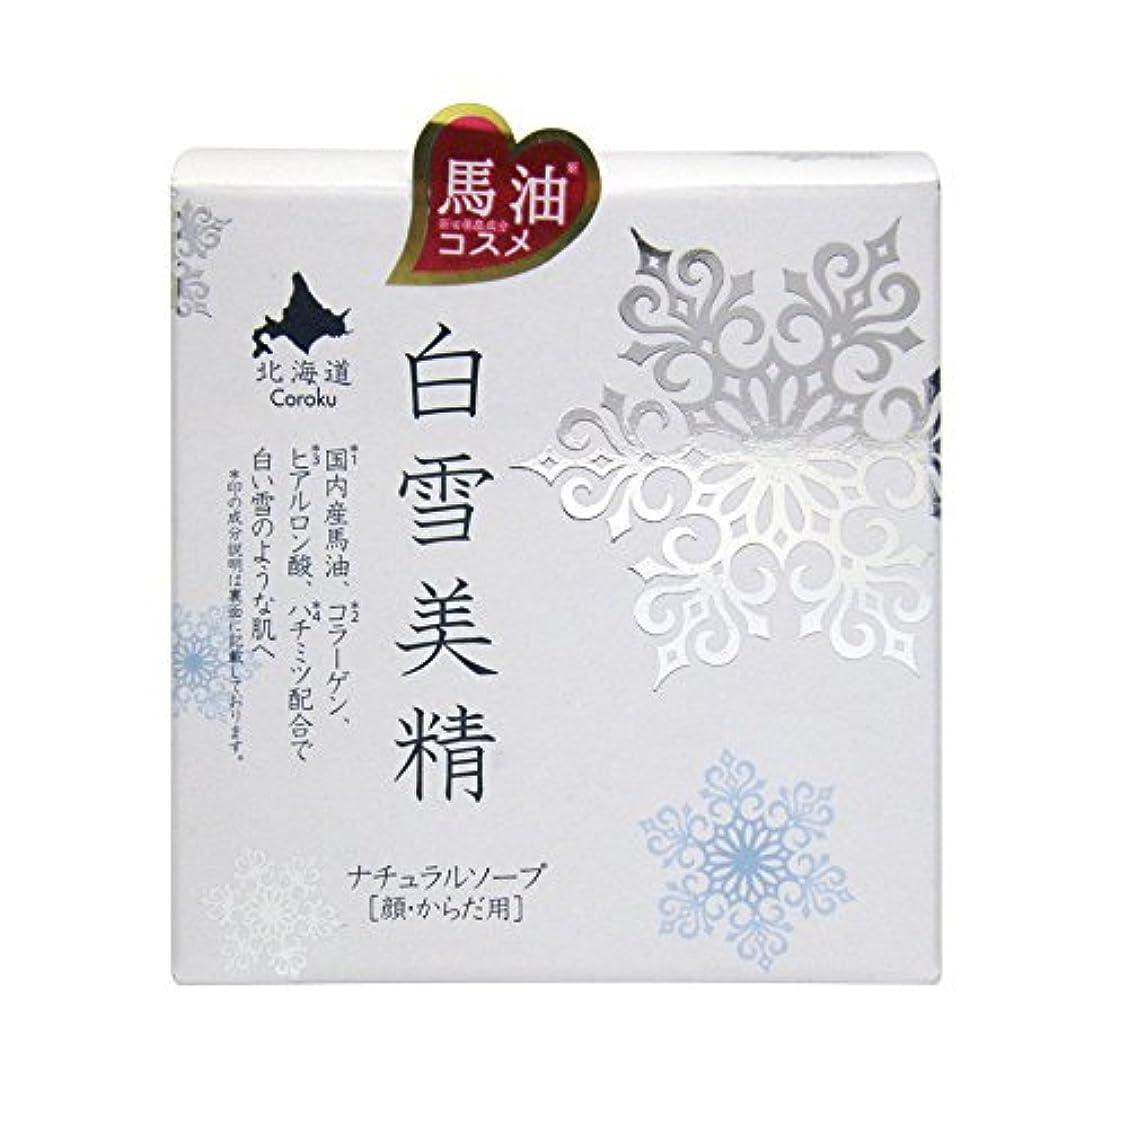 皿創始者指標Coroku 白雪美精 ナチュラルソープ(顔?からだ用) 100g